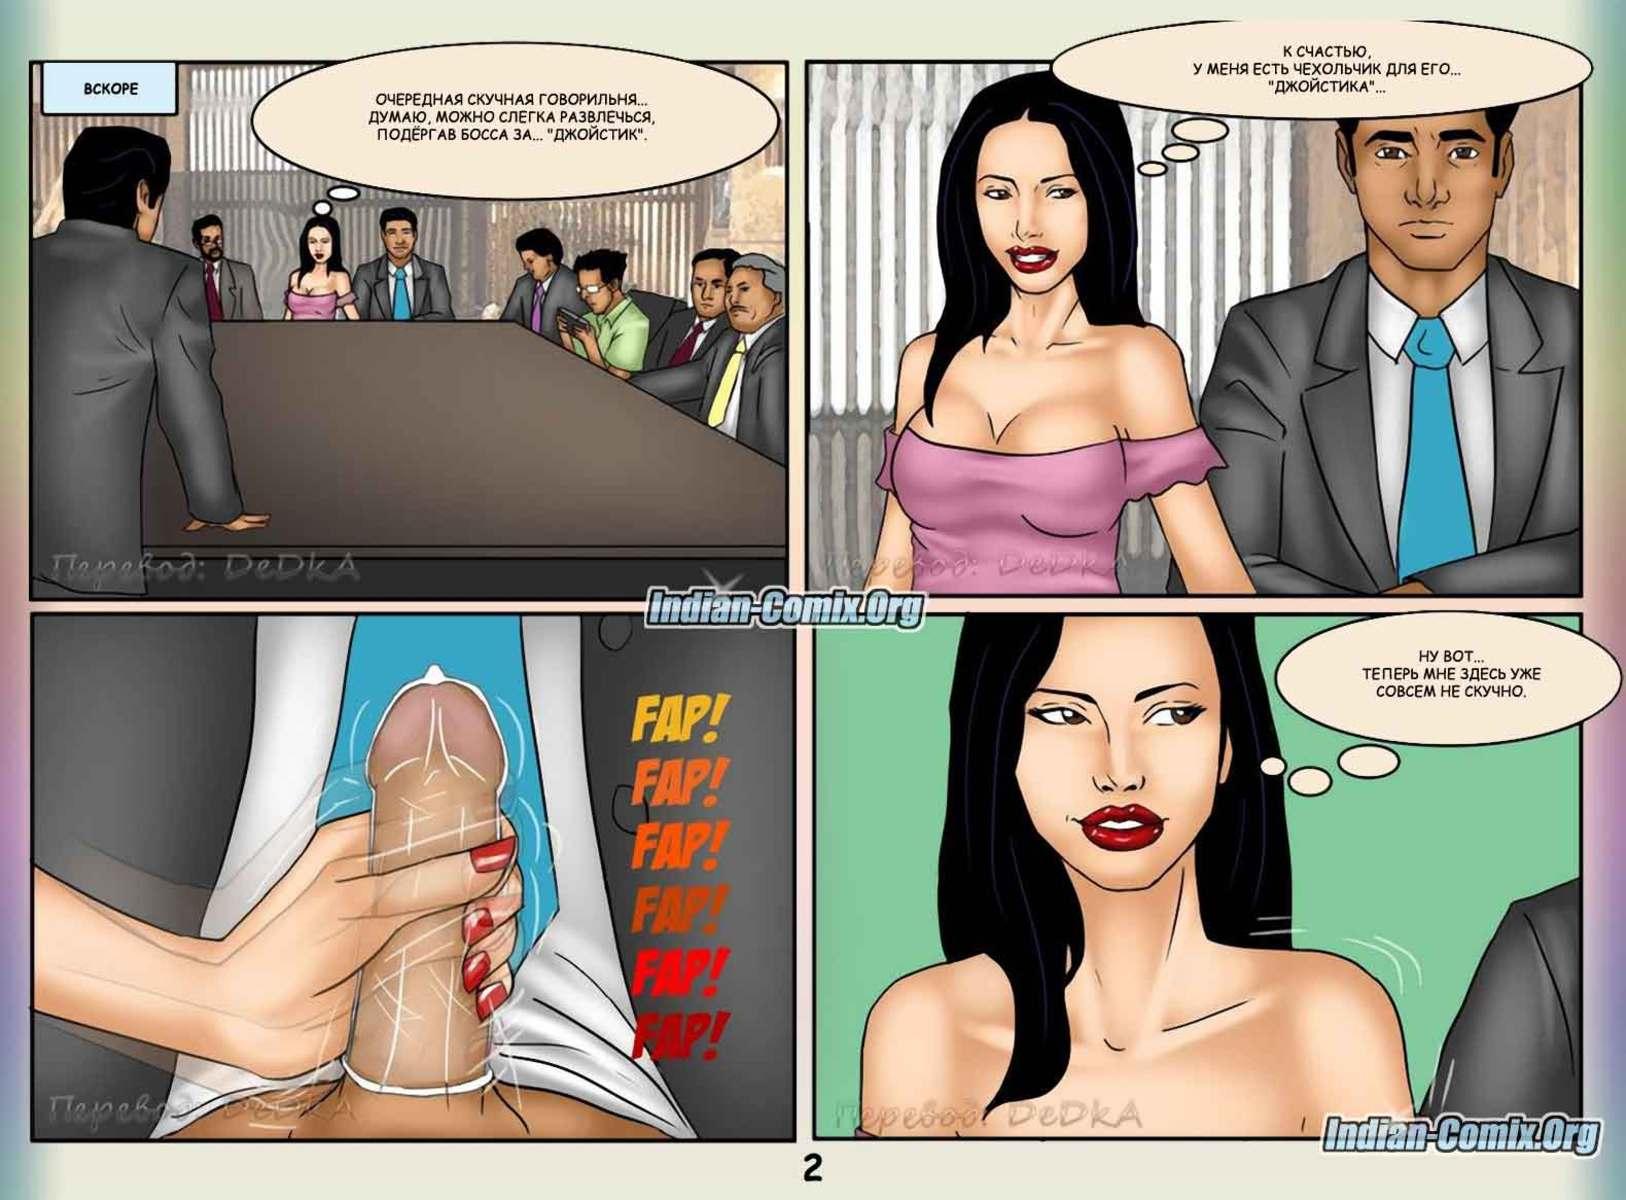 Переговоры для порно